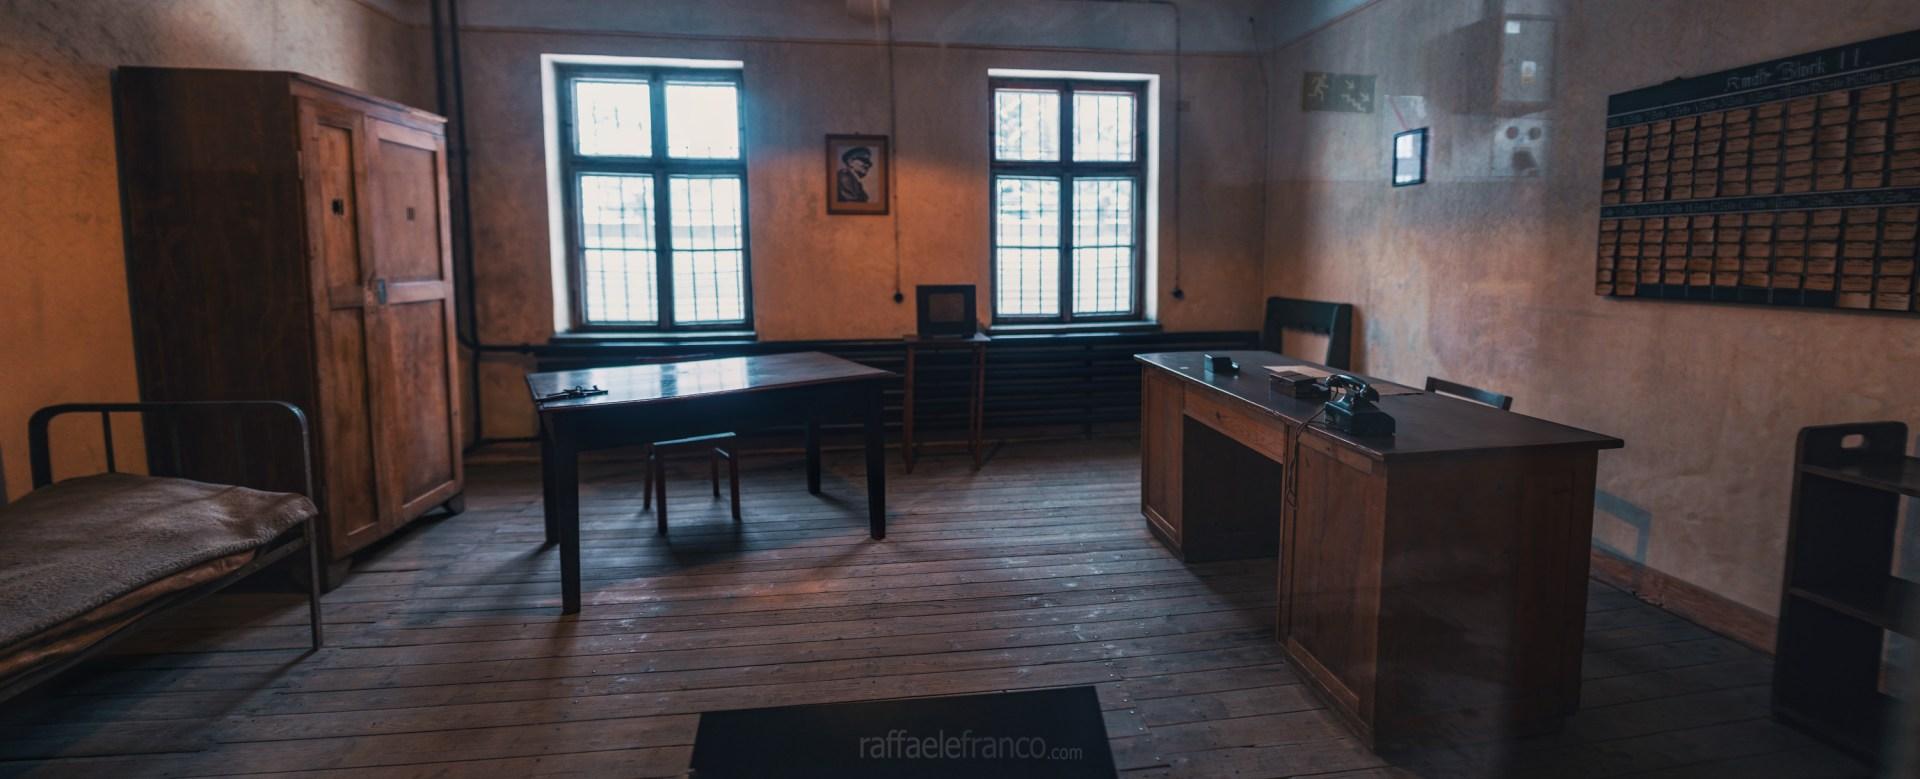 L'alloggio degli ufficiali delle SS ad Auschwitz